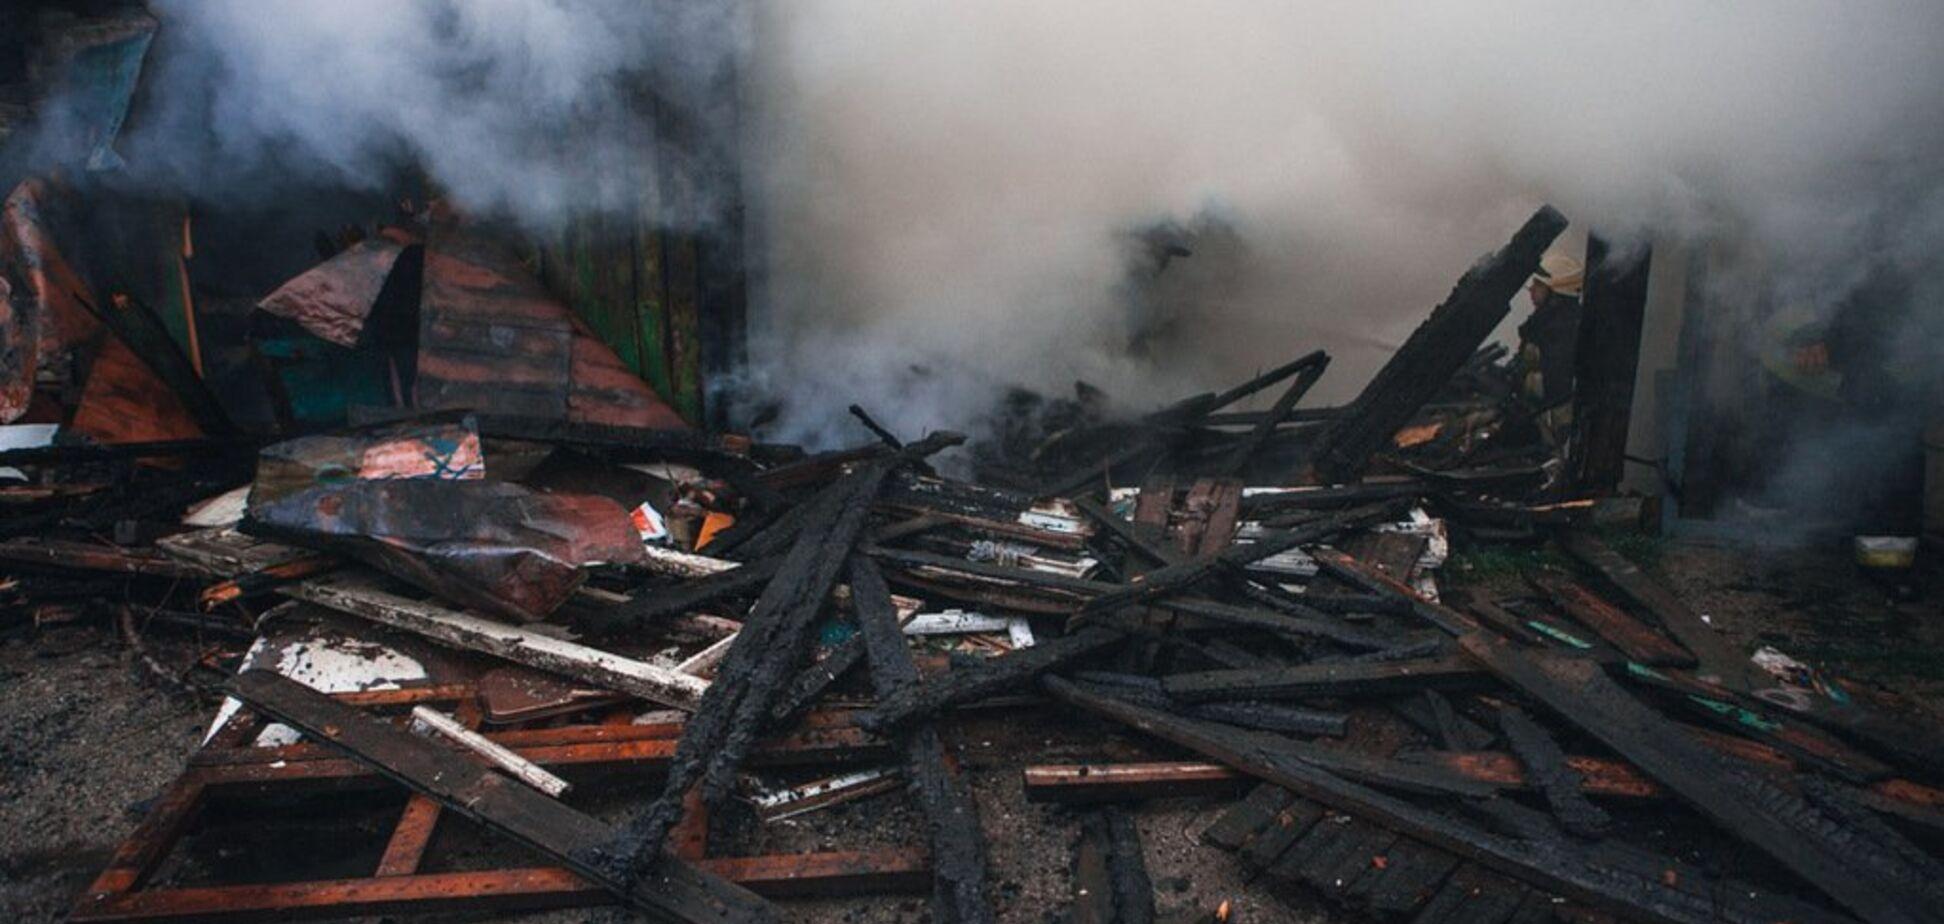 У Дніпрі потужна пожежа знищила цілий будинок: загинула жінка